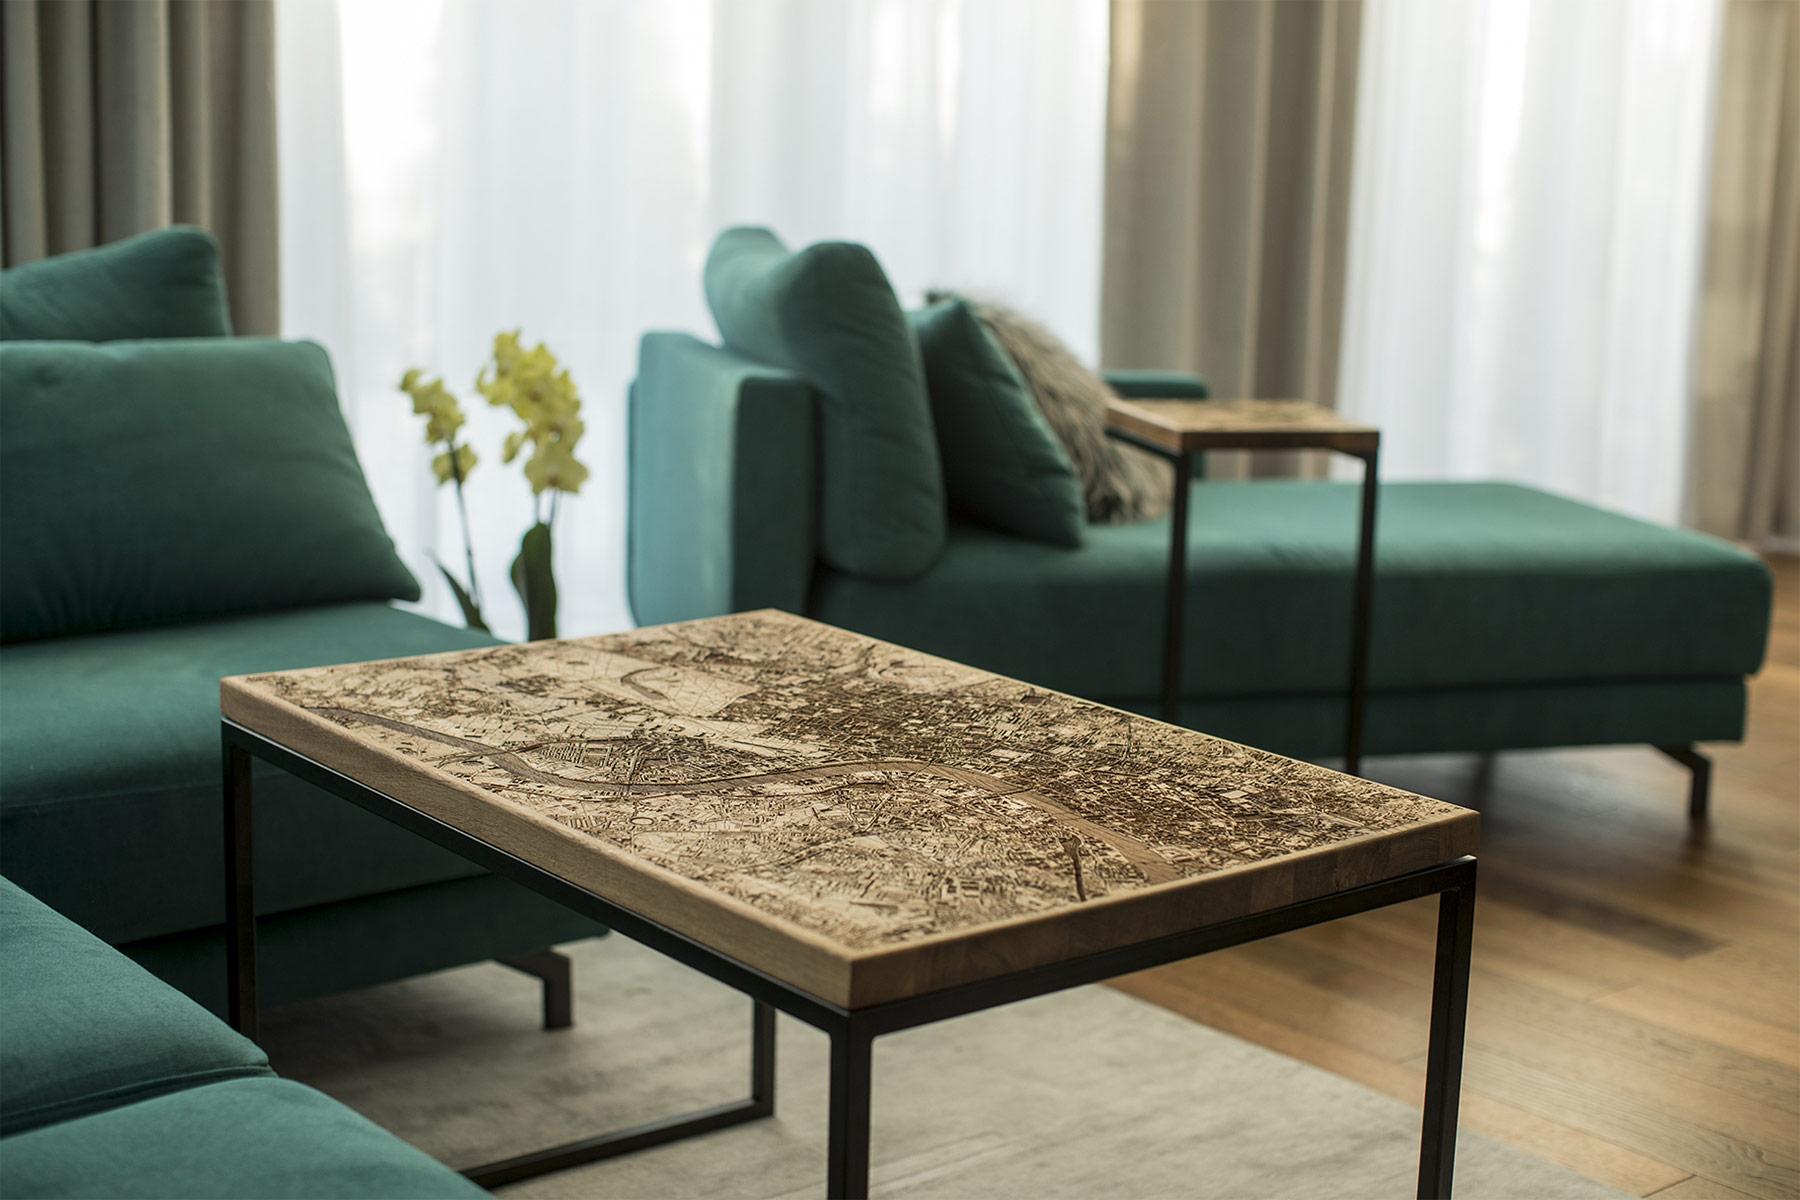 Tische mit eingravierten Stadtkarten Tische-mit-gravierten-stadtkarten_02